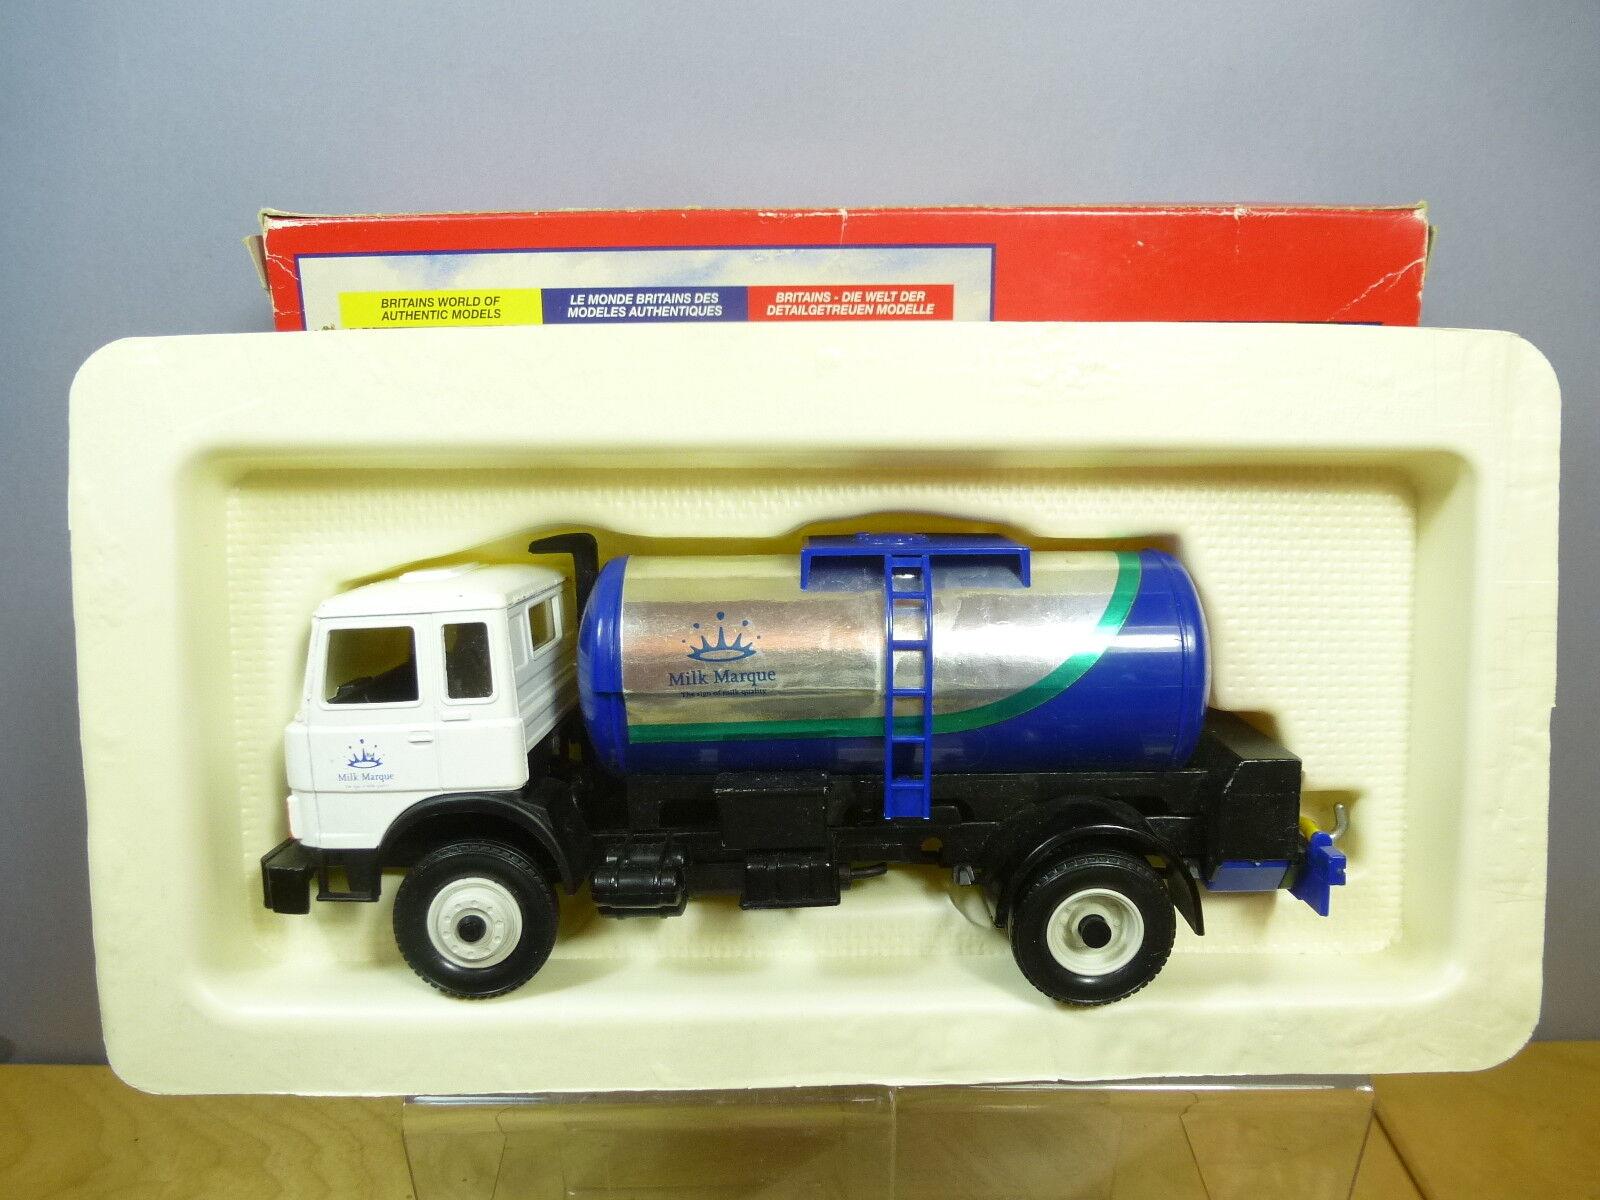 Britains Model No.9599 lait   marque  TANKER  VN En parfait état, dans sa boîte  offre spéciale